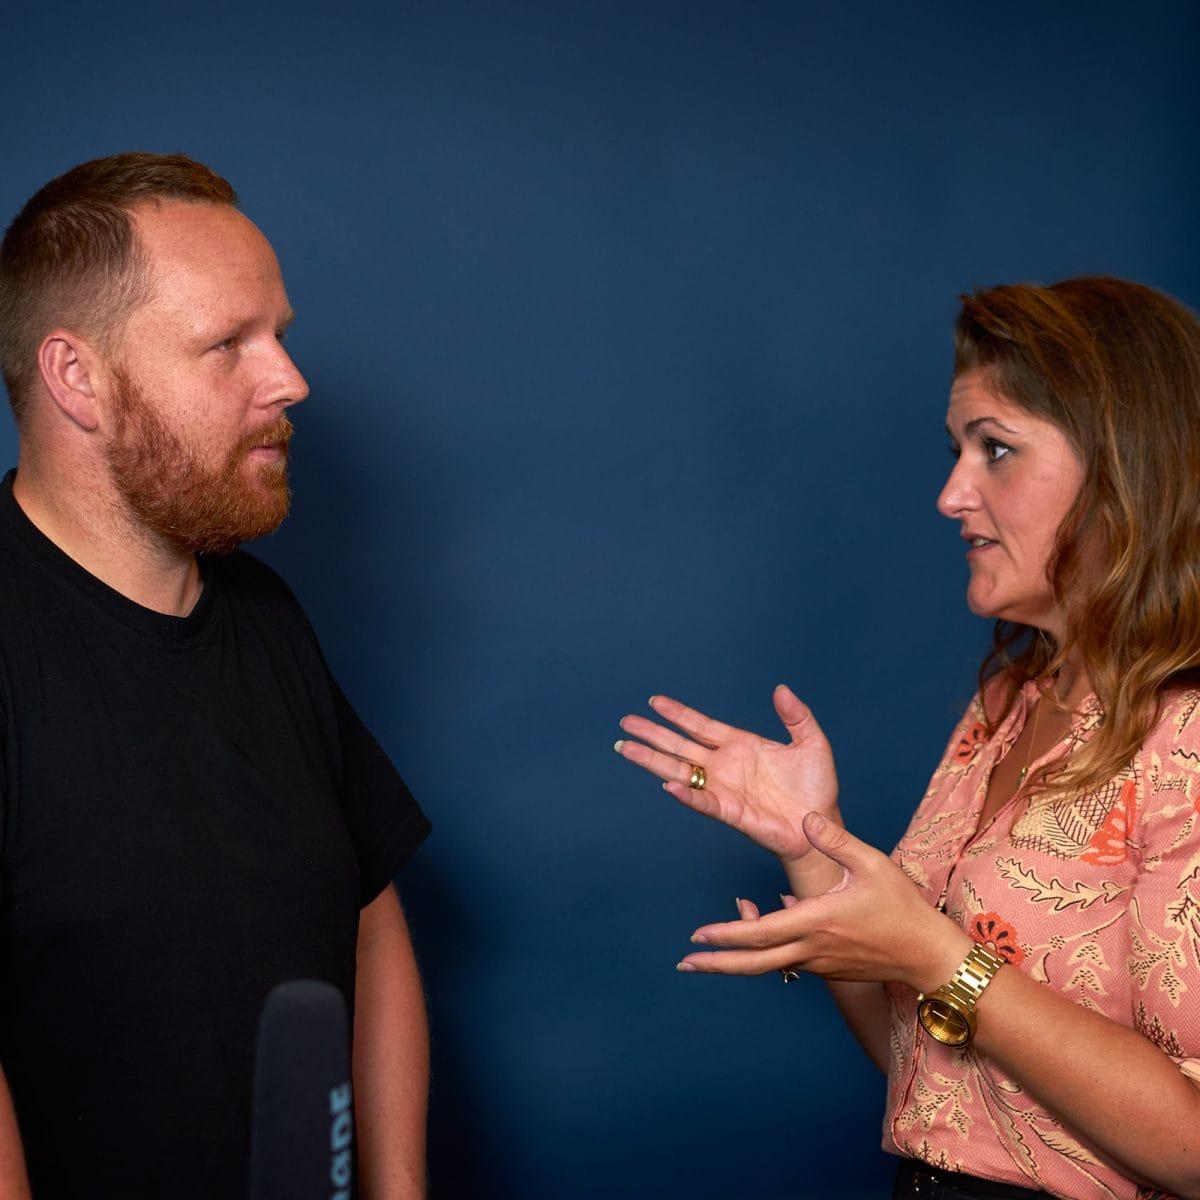 Carina Skouboe og Casper Schneidereit møde samtale online kurser